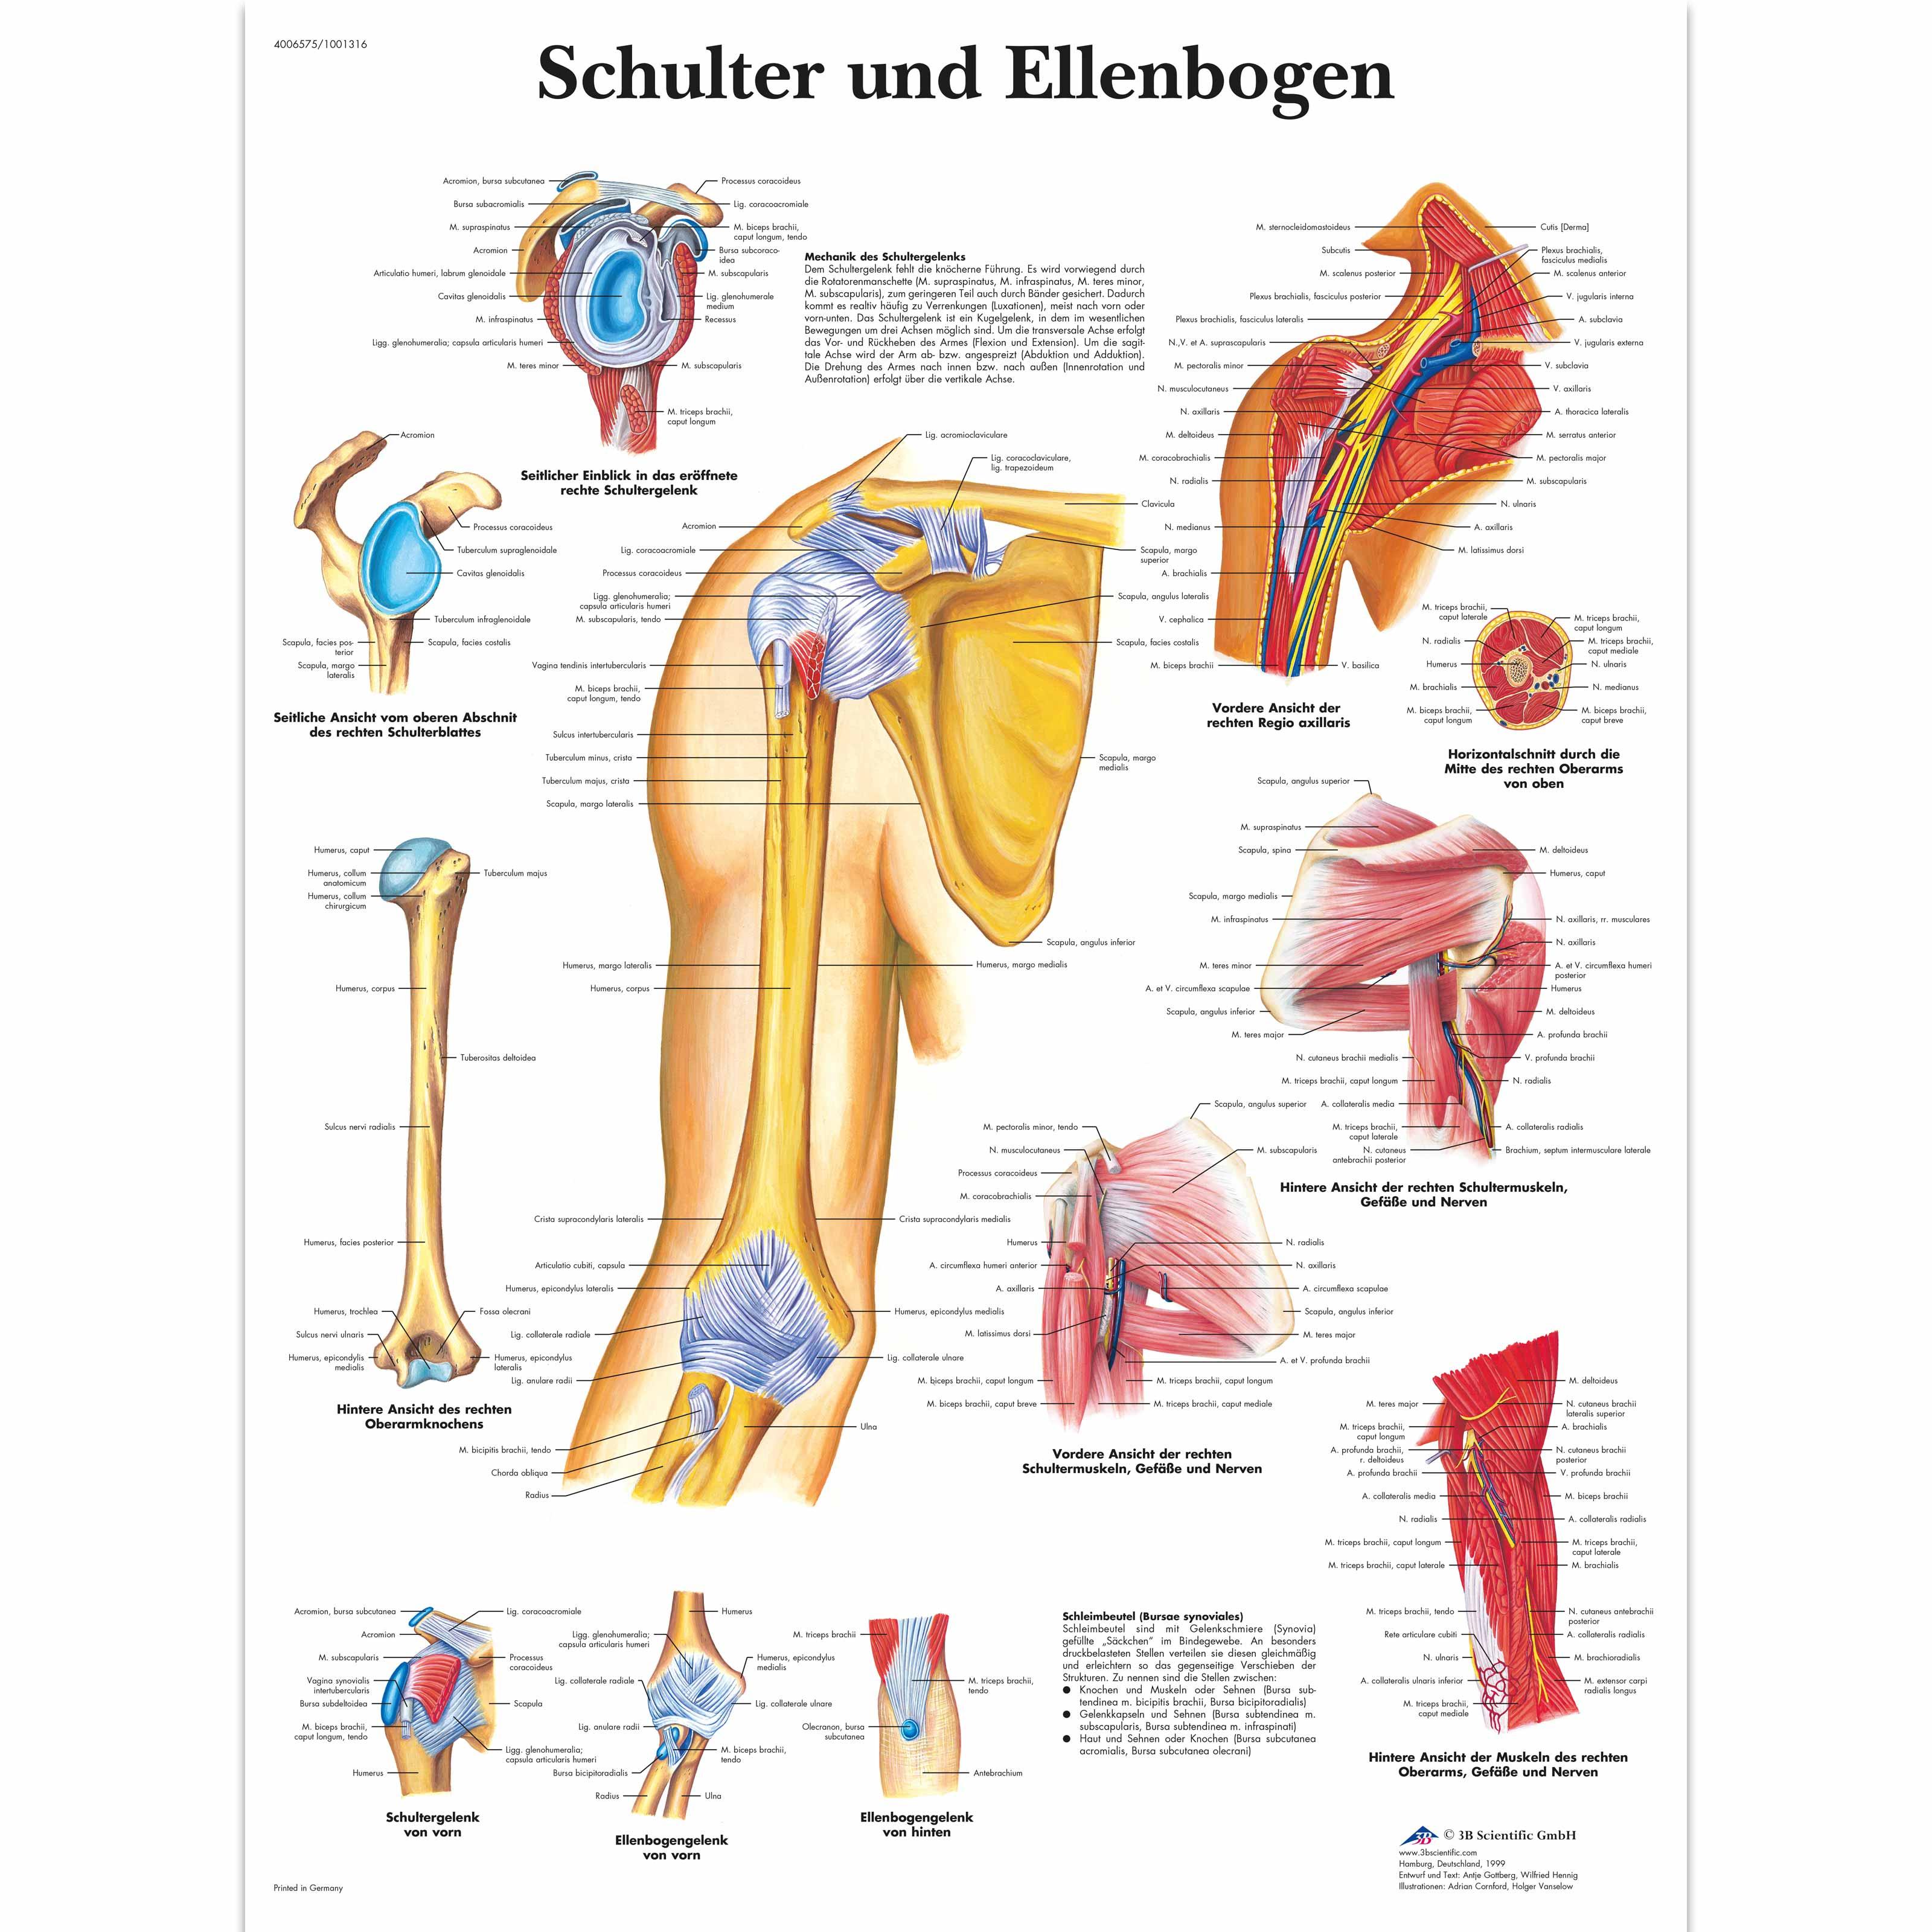 Groß Schambereich Anatomie Galerie - Anatomie Ideen - finotti.info